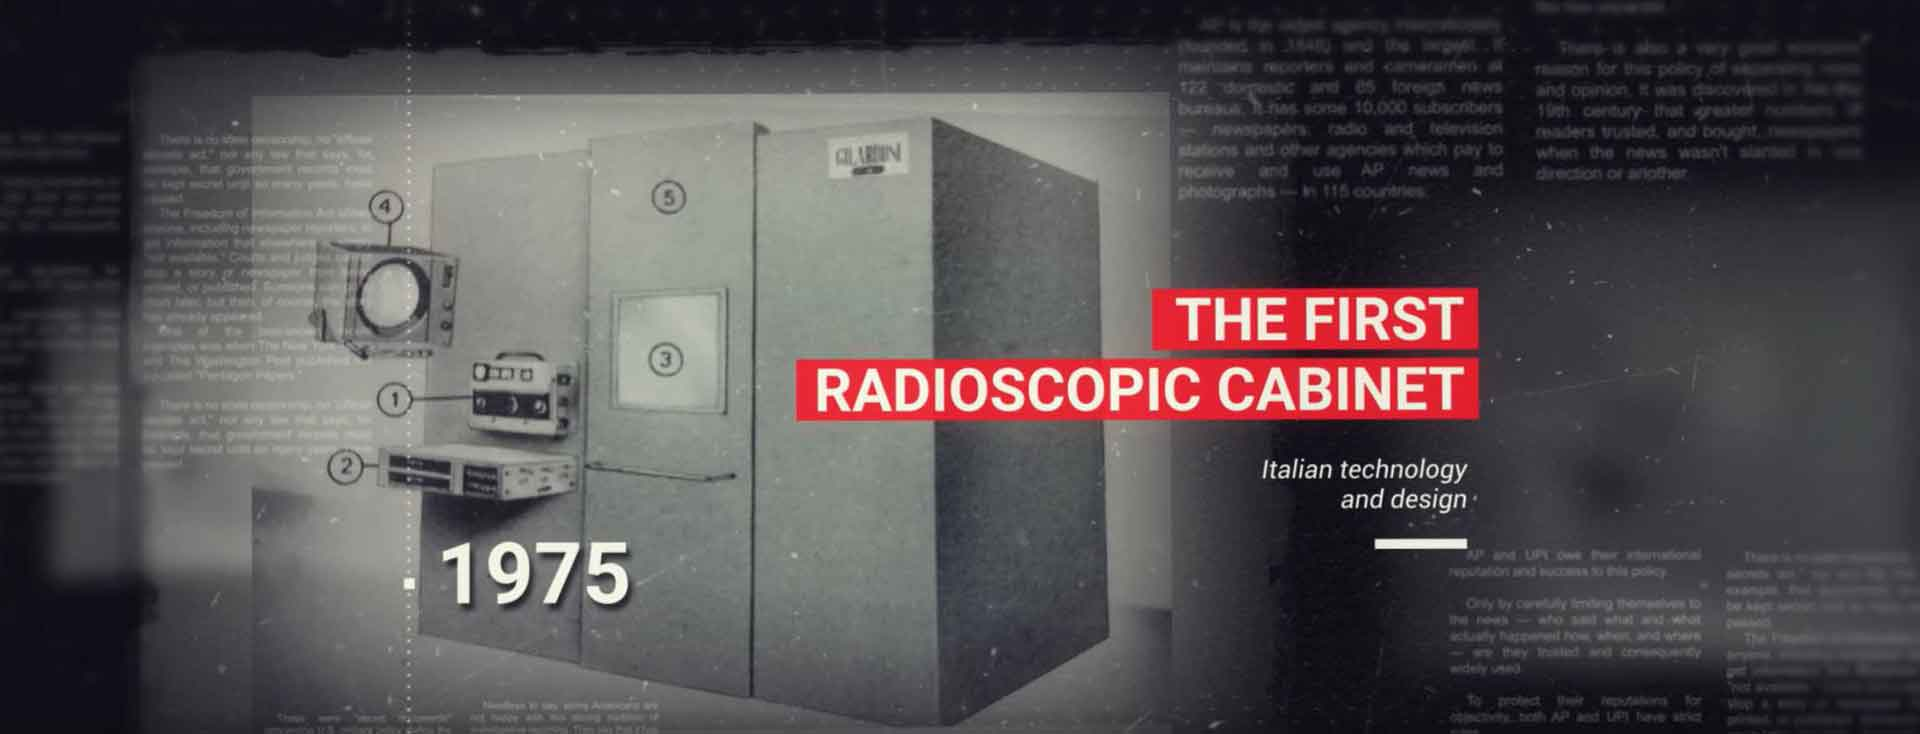 Radioscopia industriale: una nuova cabina destinata a lasciare il segno